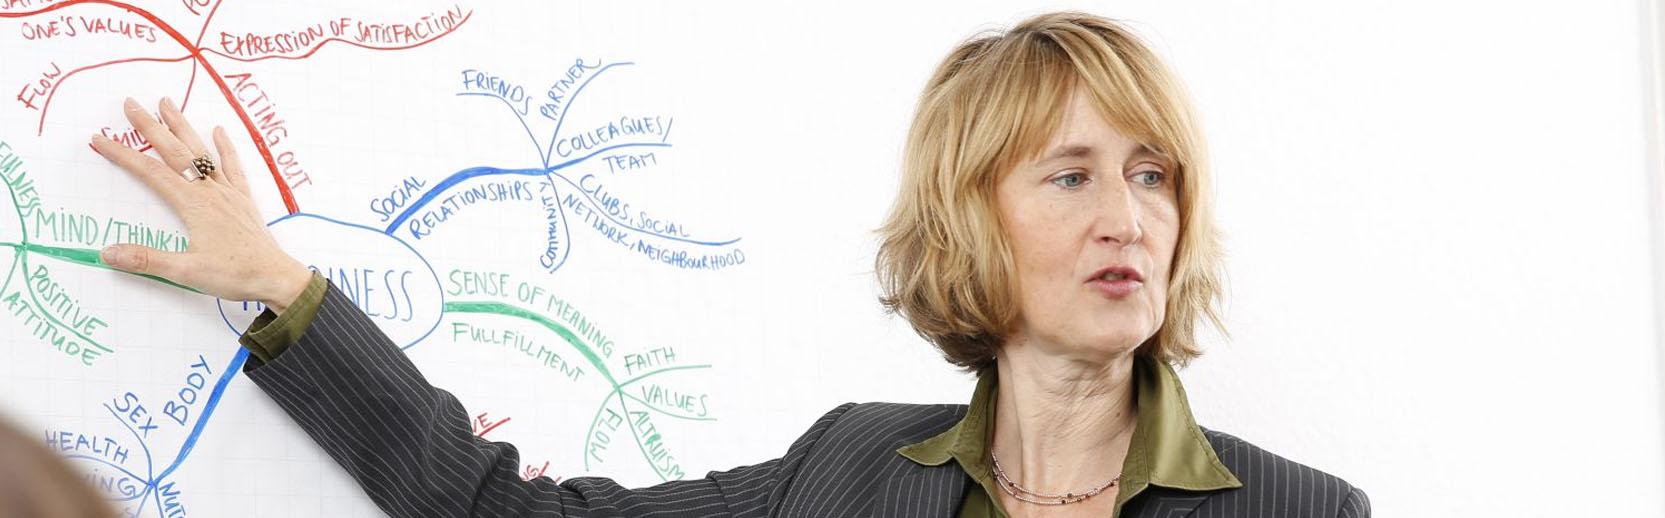 Prof. Ute Rademacher, Ueber mich, COLIBRI Research